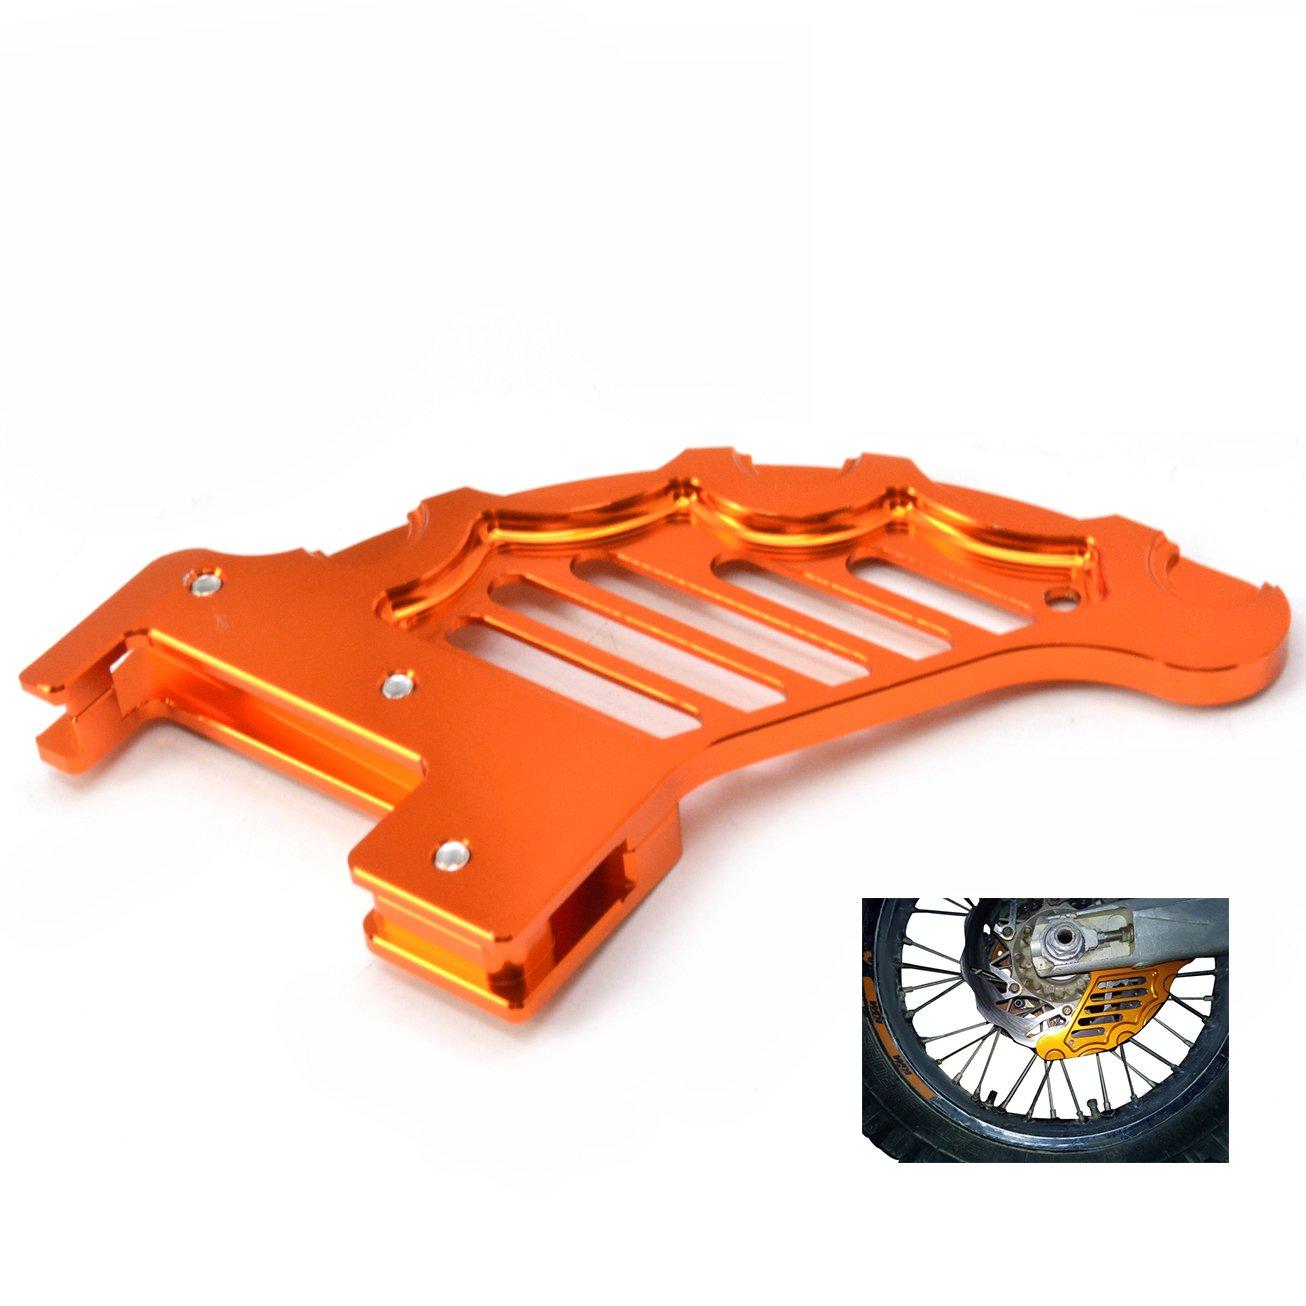 Raybestos H2592 Drum Brake Self-Adjuster Repair Kit Made in USA